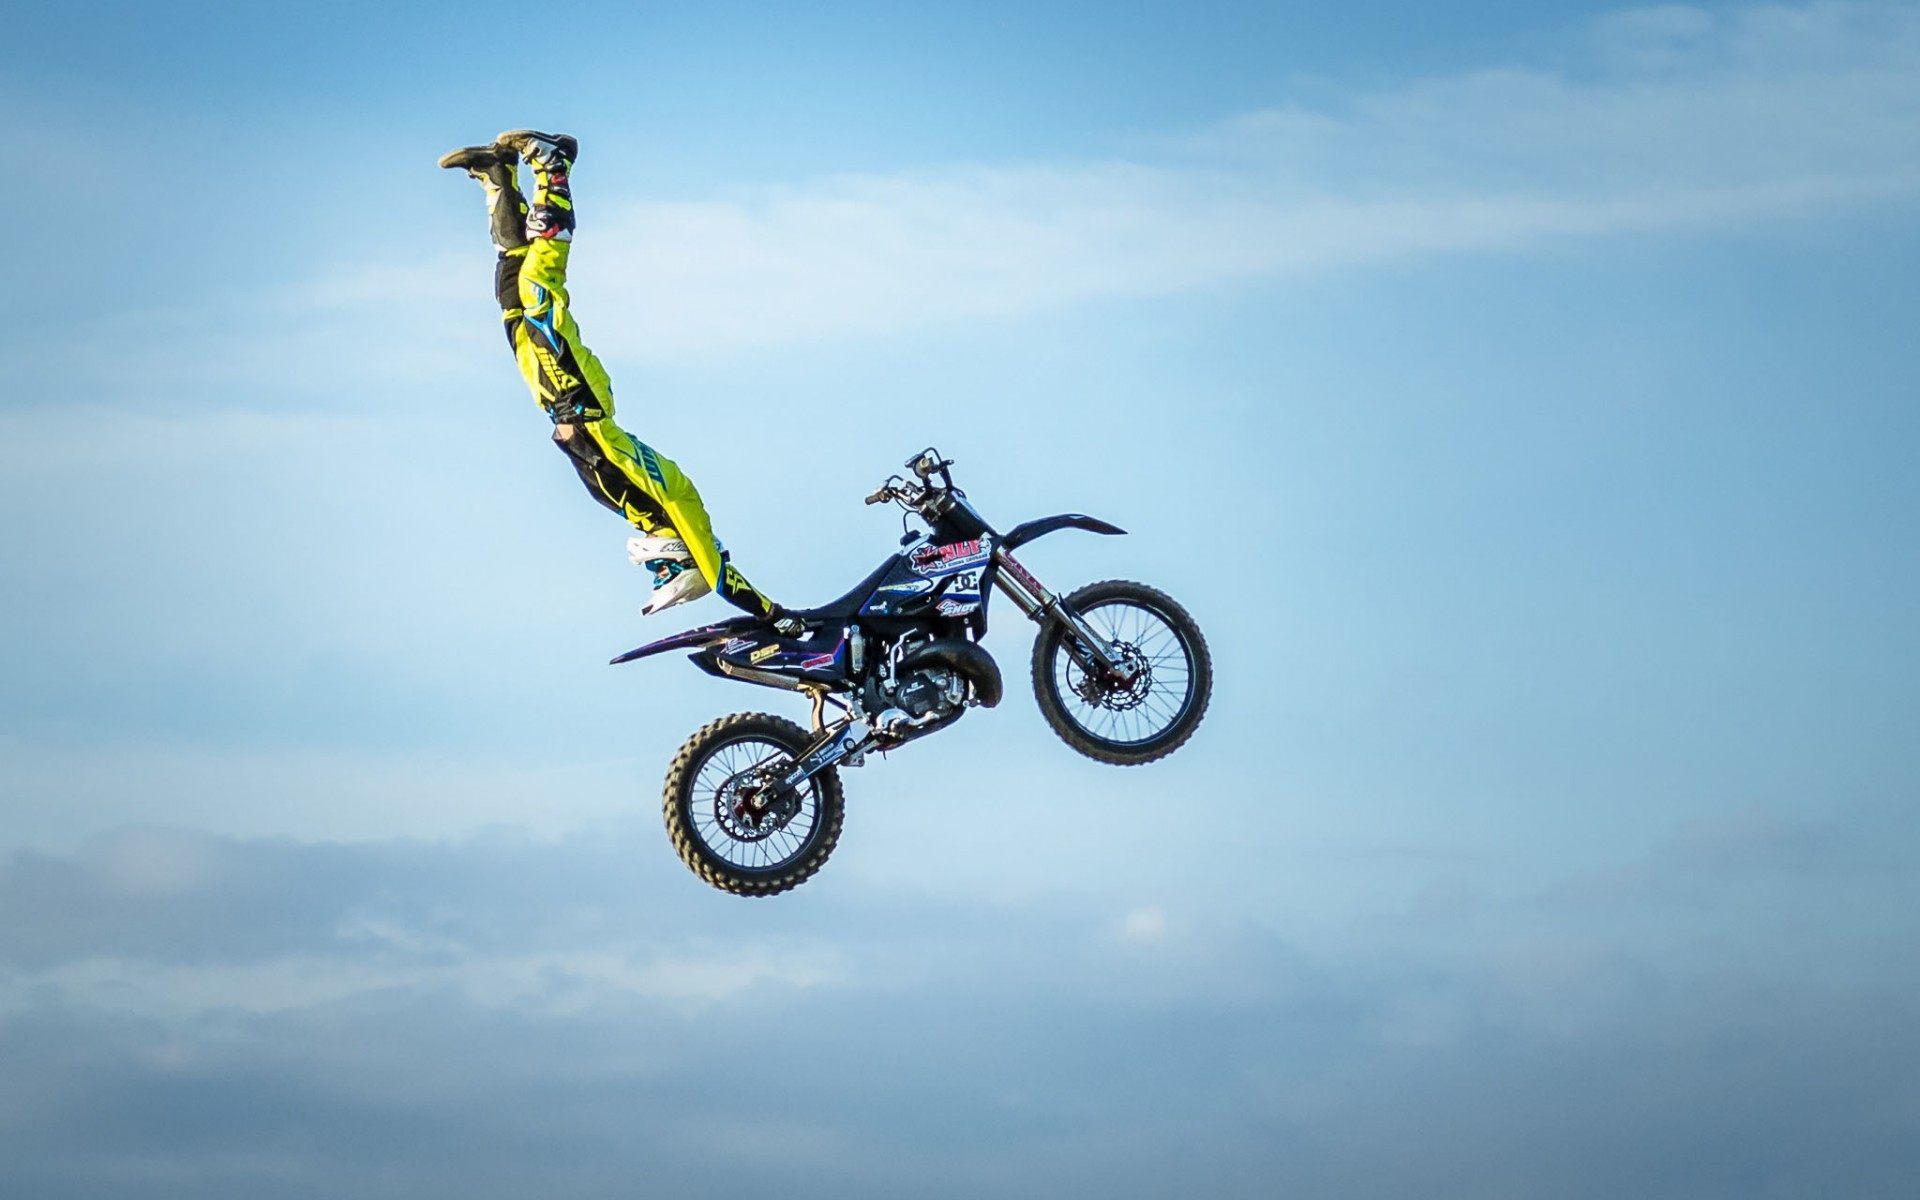 Motocross Bike High Jump Extreme Sports Wallpaper Hd Freestyle Motocross Wallpaper Hd 1920x1200 Download Hd Wallpaper Wallpapertip